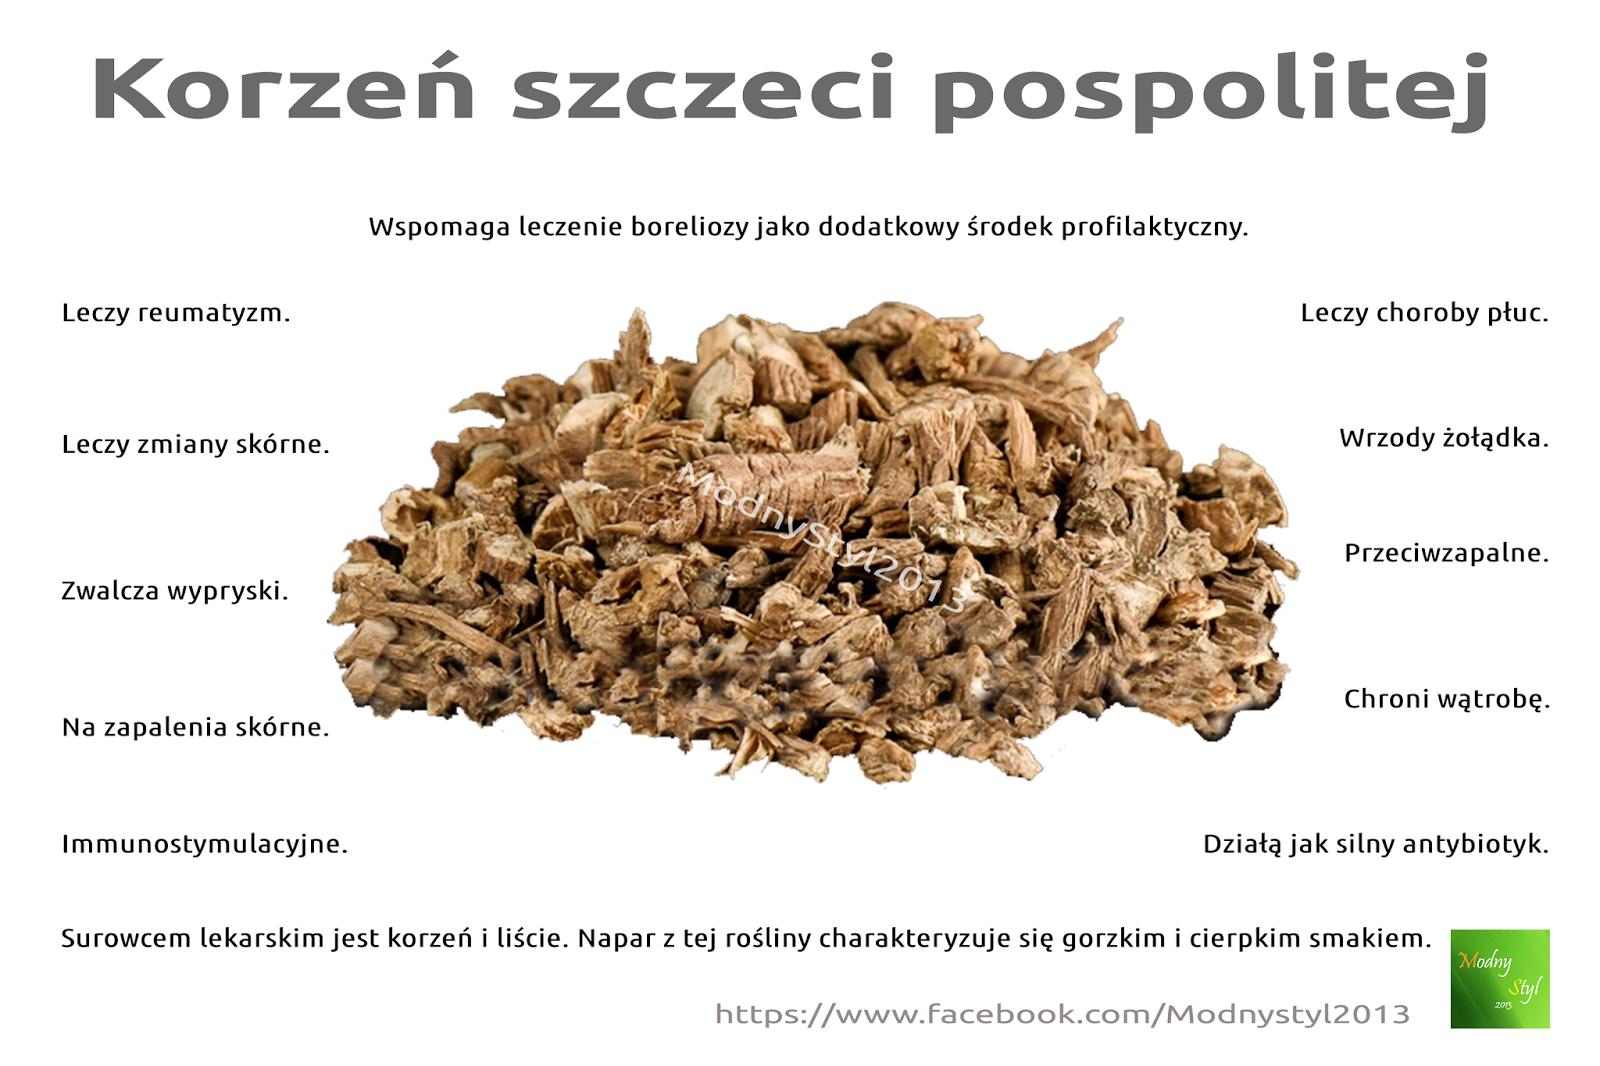 Szczeć pospolita i jej korzeń